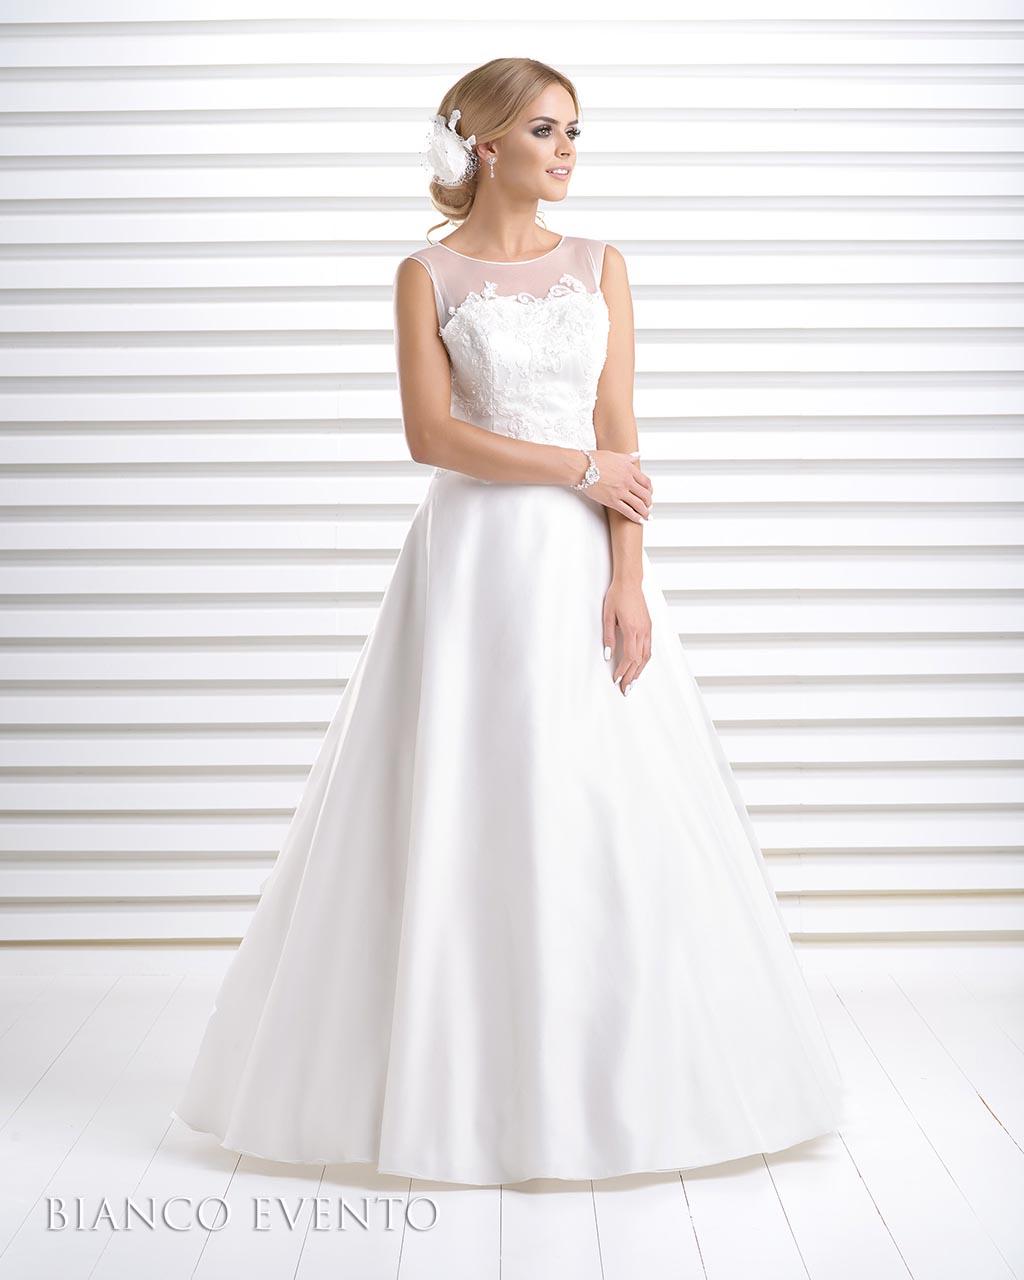 Brautkleid Bianco Evento : Marry4love - Verleih und Verkauf von ...